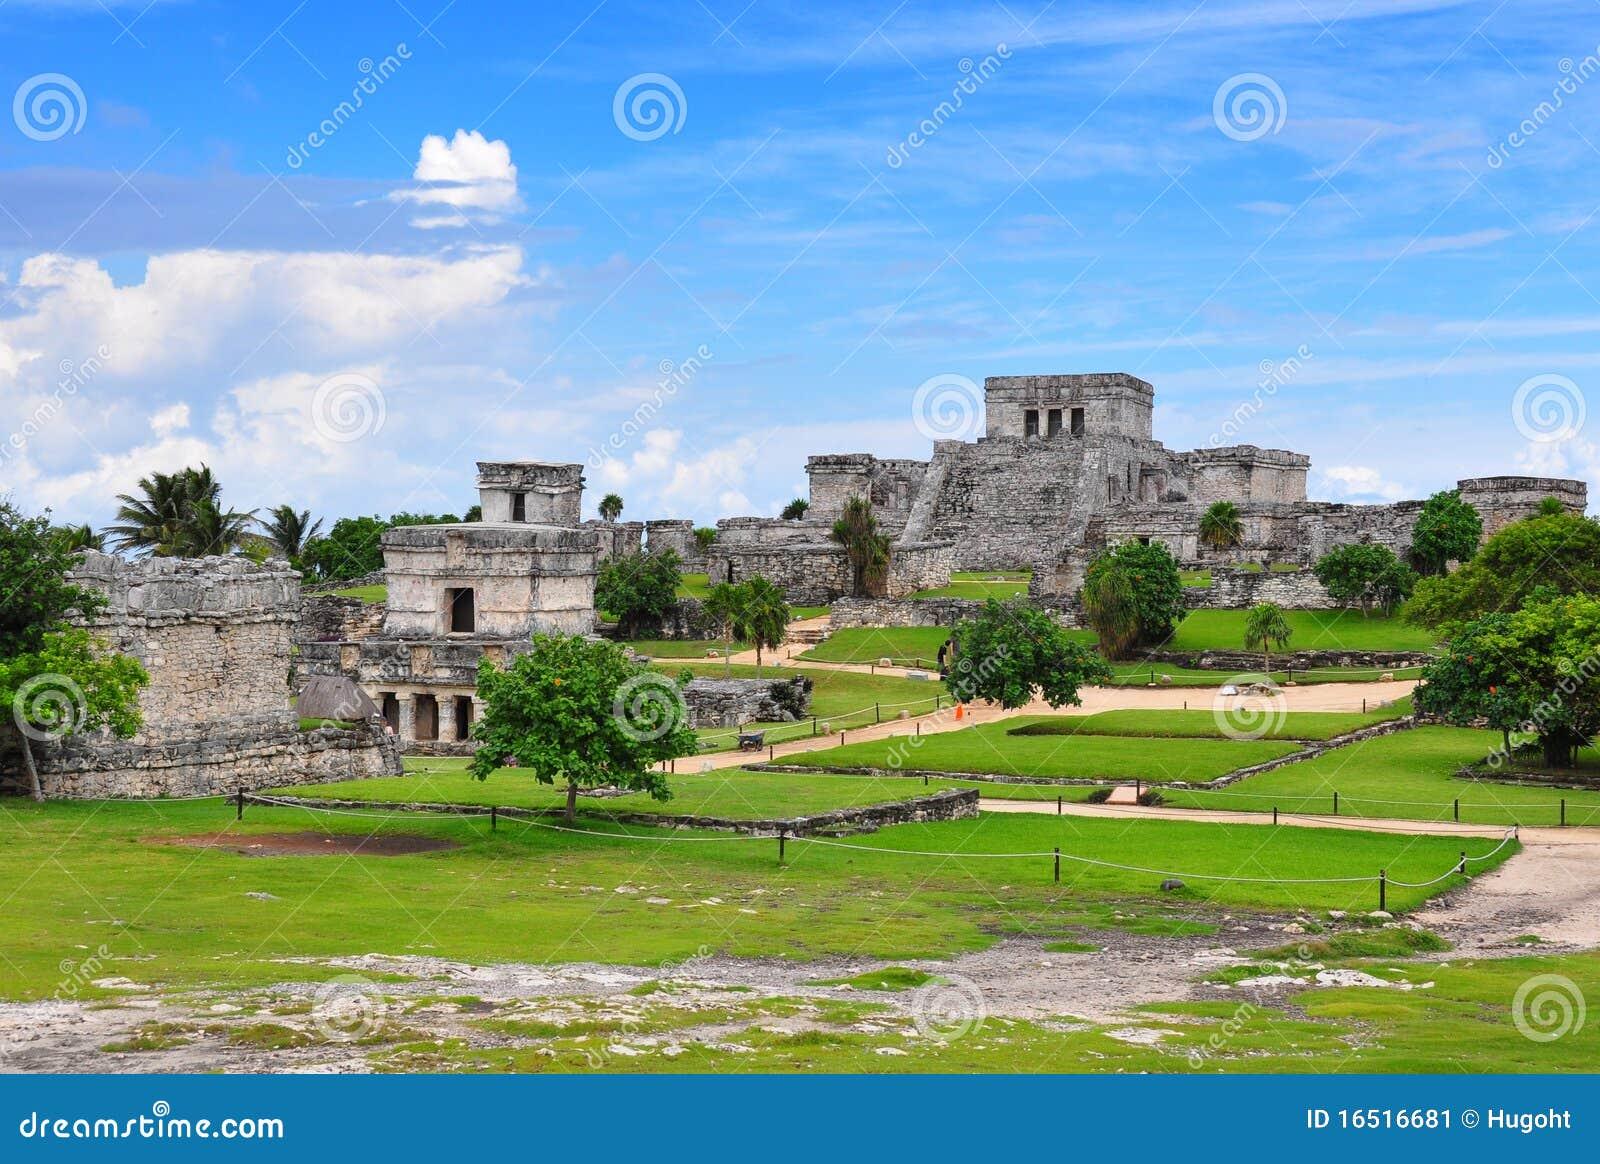 Rovine del Maya di Tulum, Messico